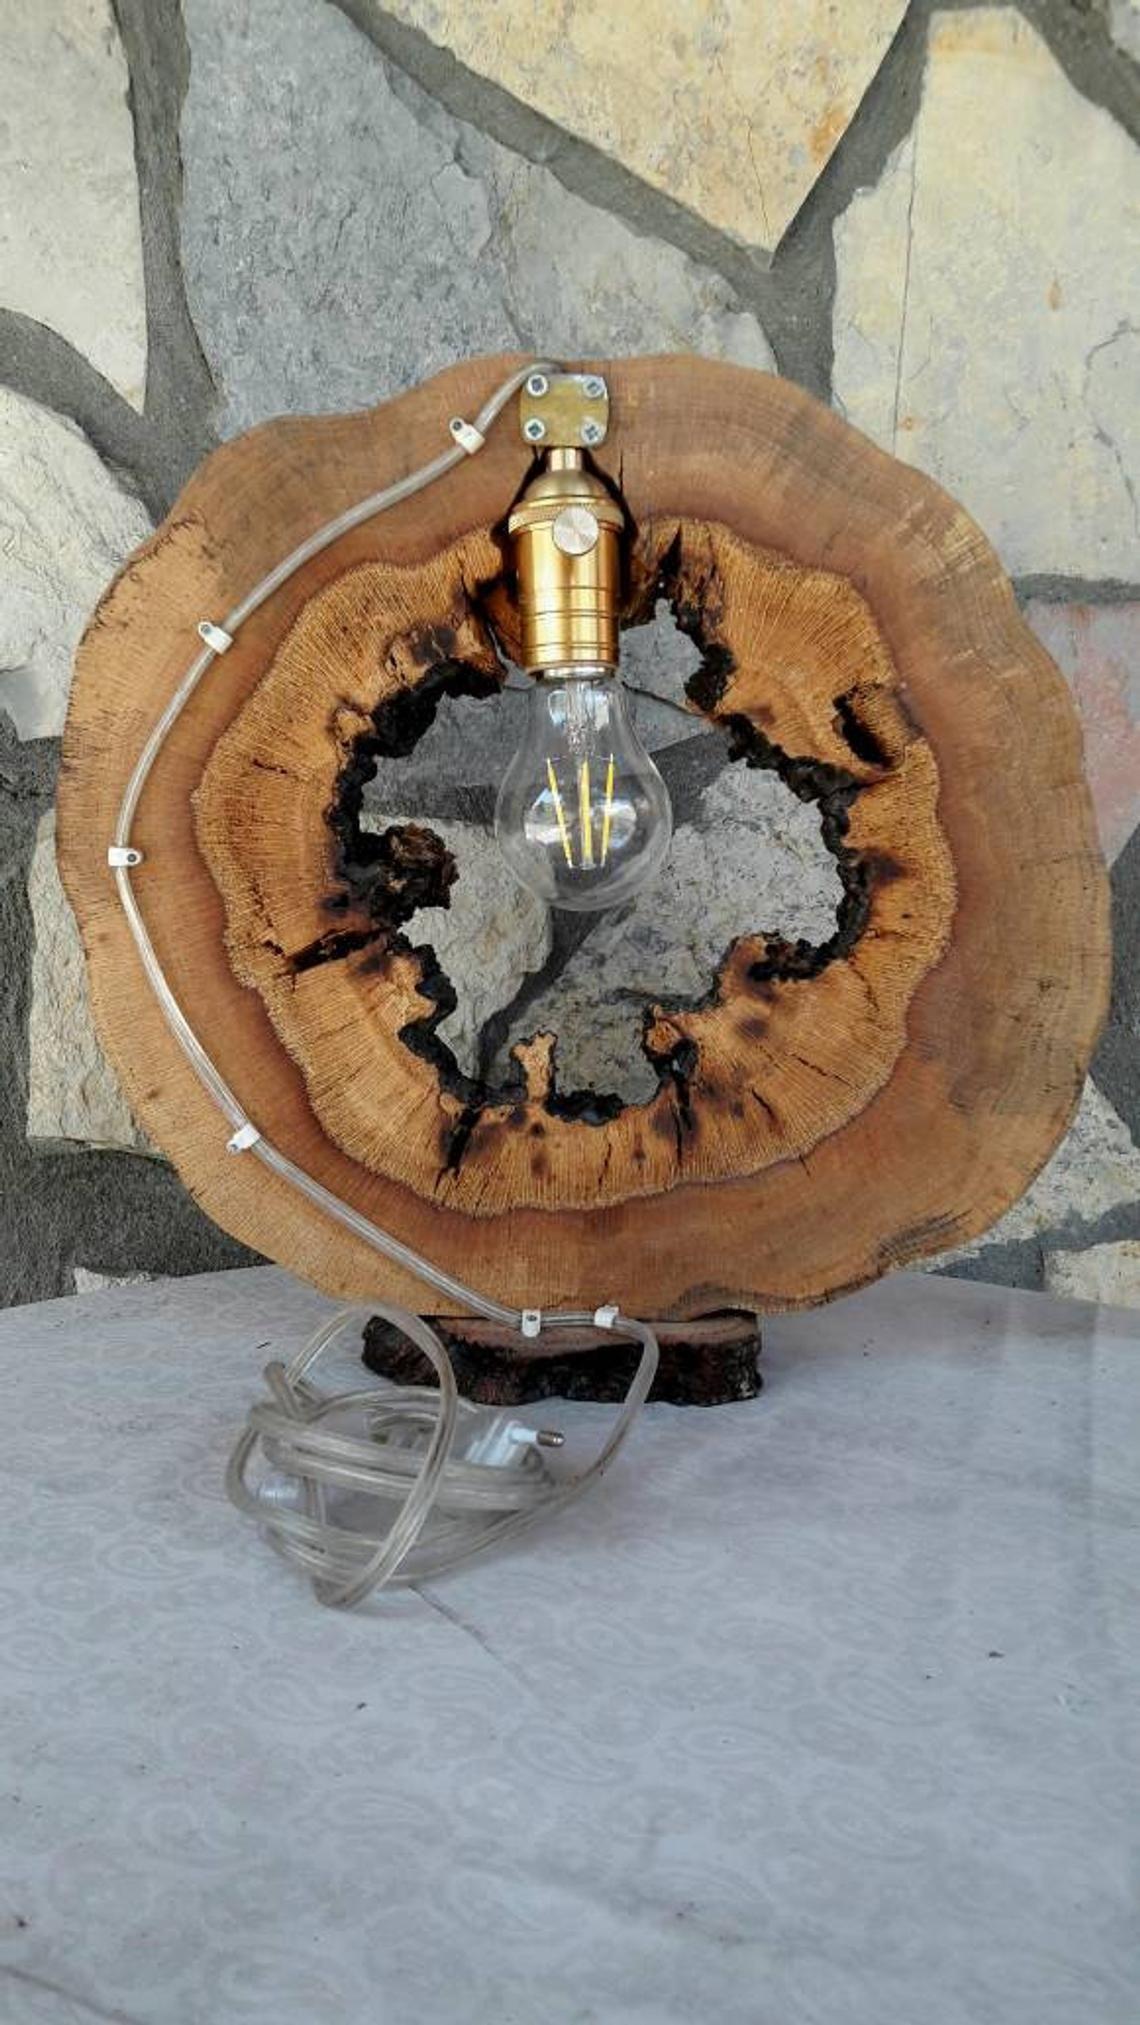 Ähnliche Artikel wie rustikale Nachtlampe, Holz Tischlampe, dekorative Ecklampe, handgemachte Holzlampe auf Etsy